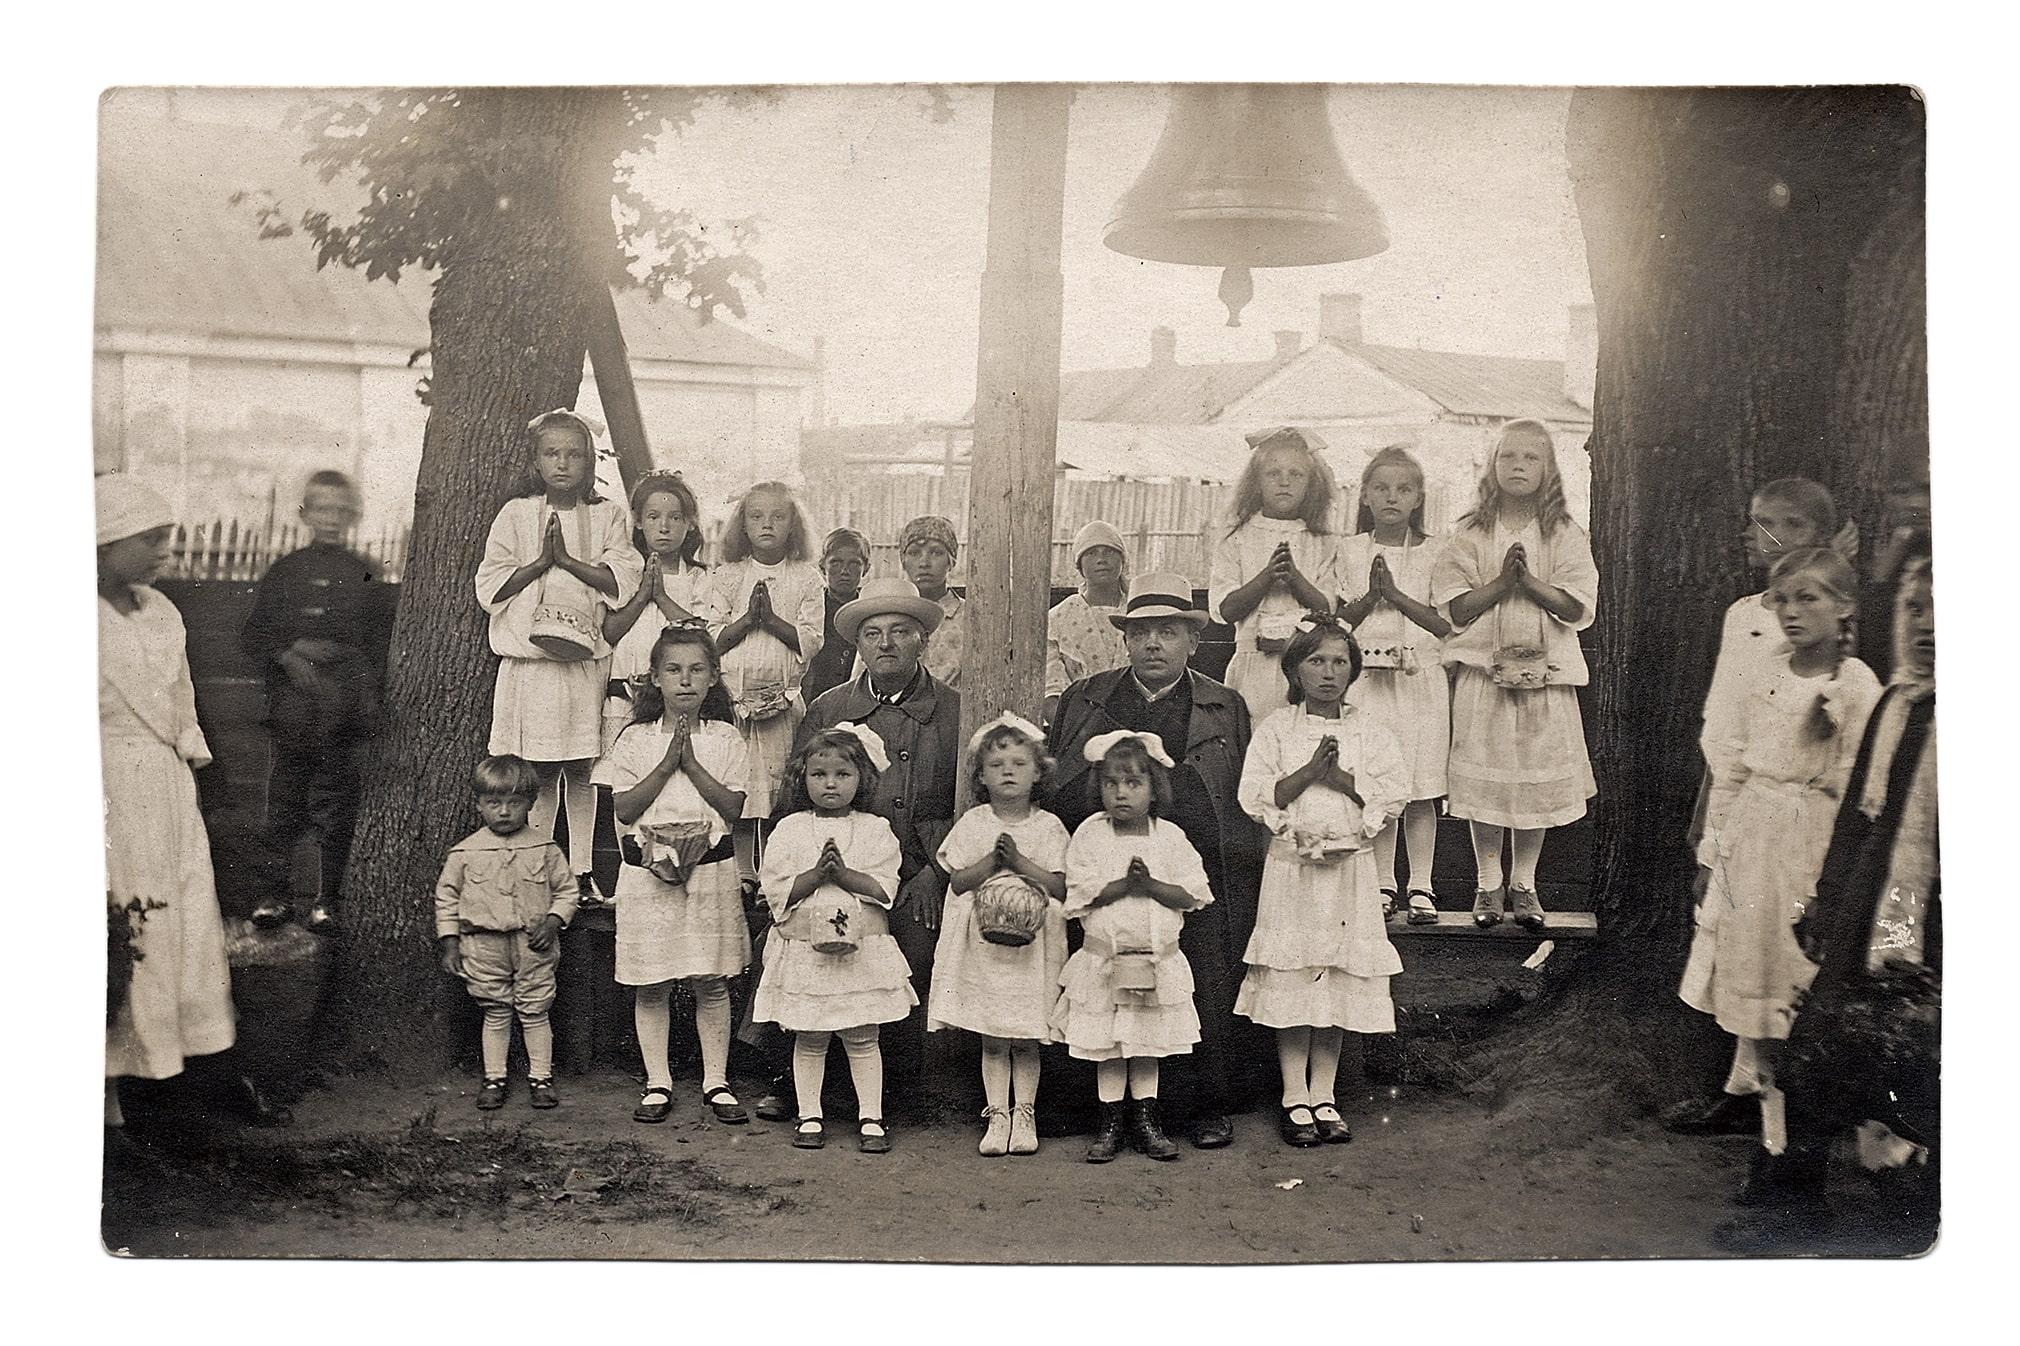 Šv. Juozapo bažnyčios varpo šventinimas, 1928 m.